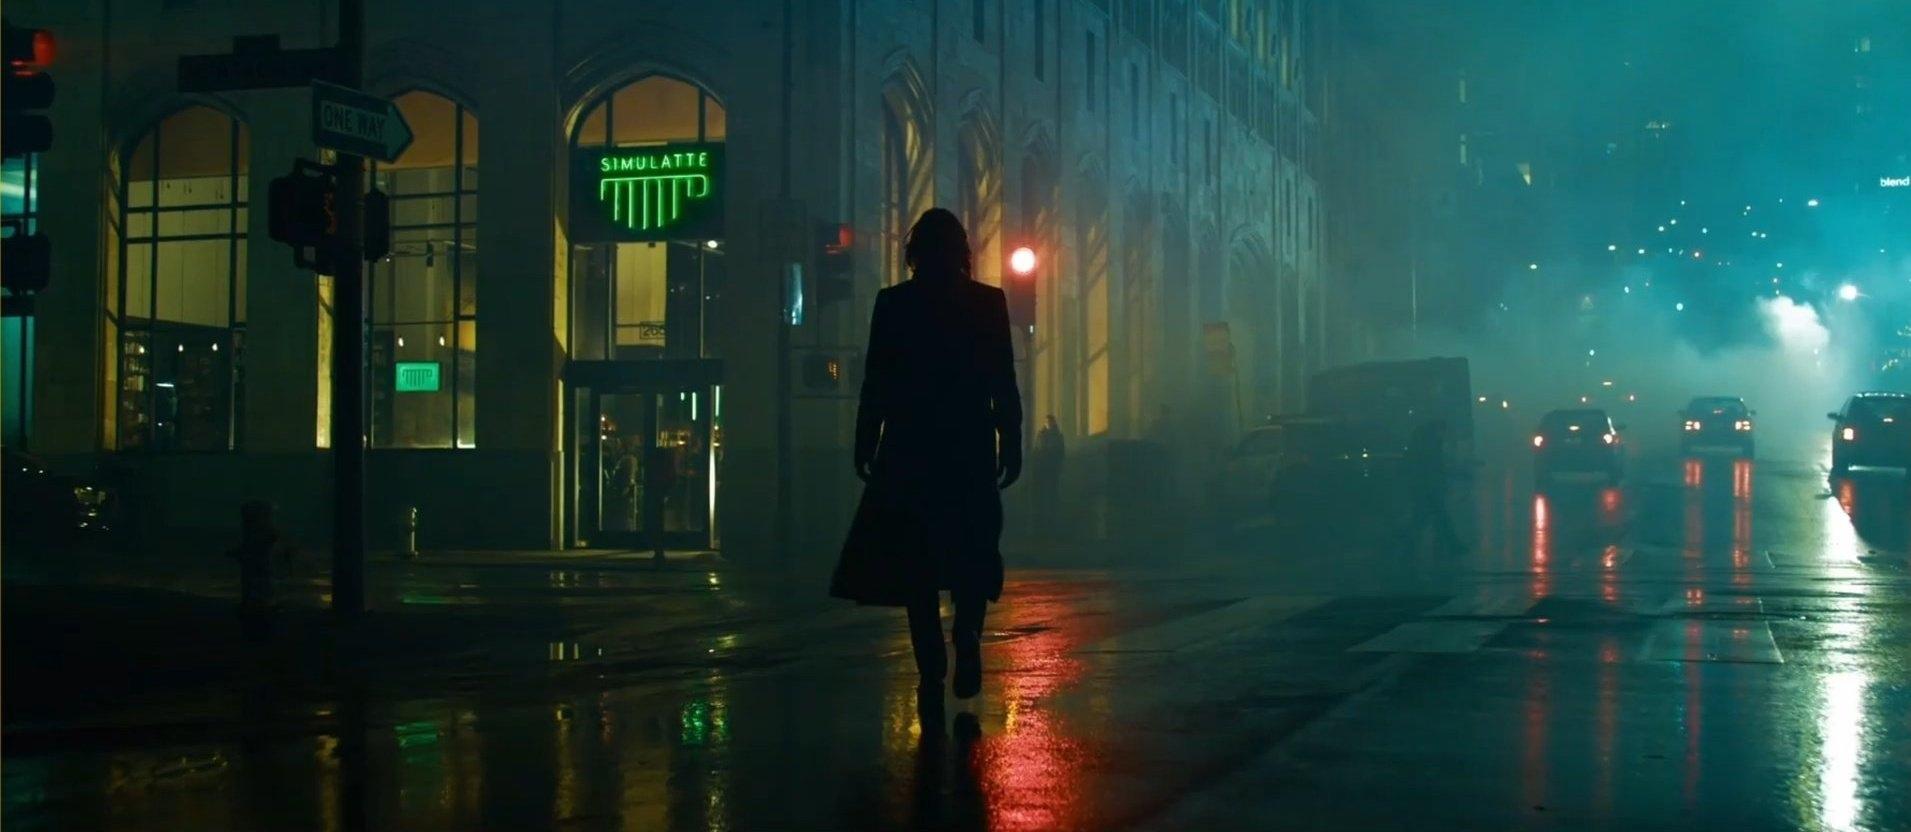 Опубликован трейлер четвертой части «Матрицы»